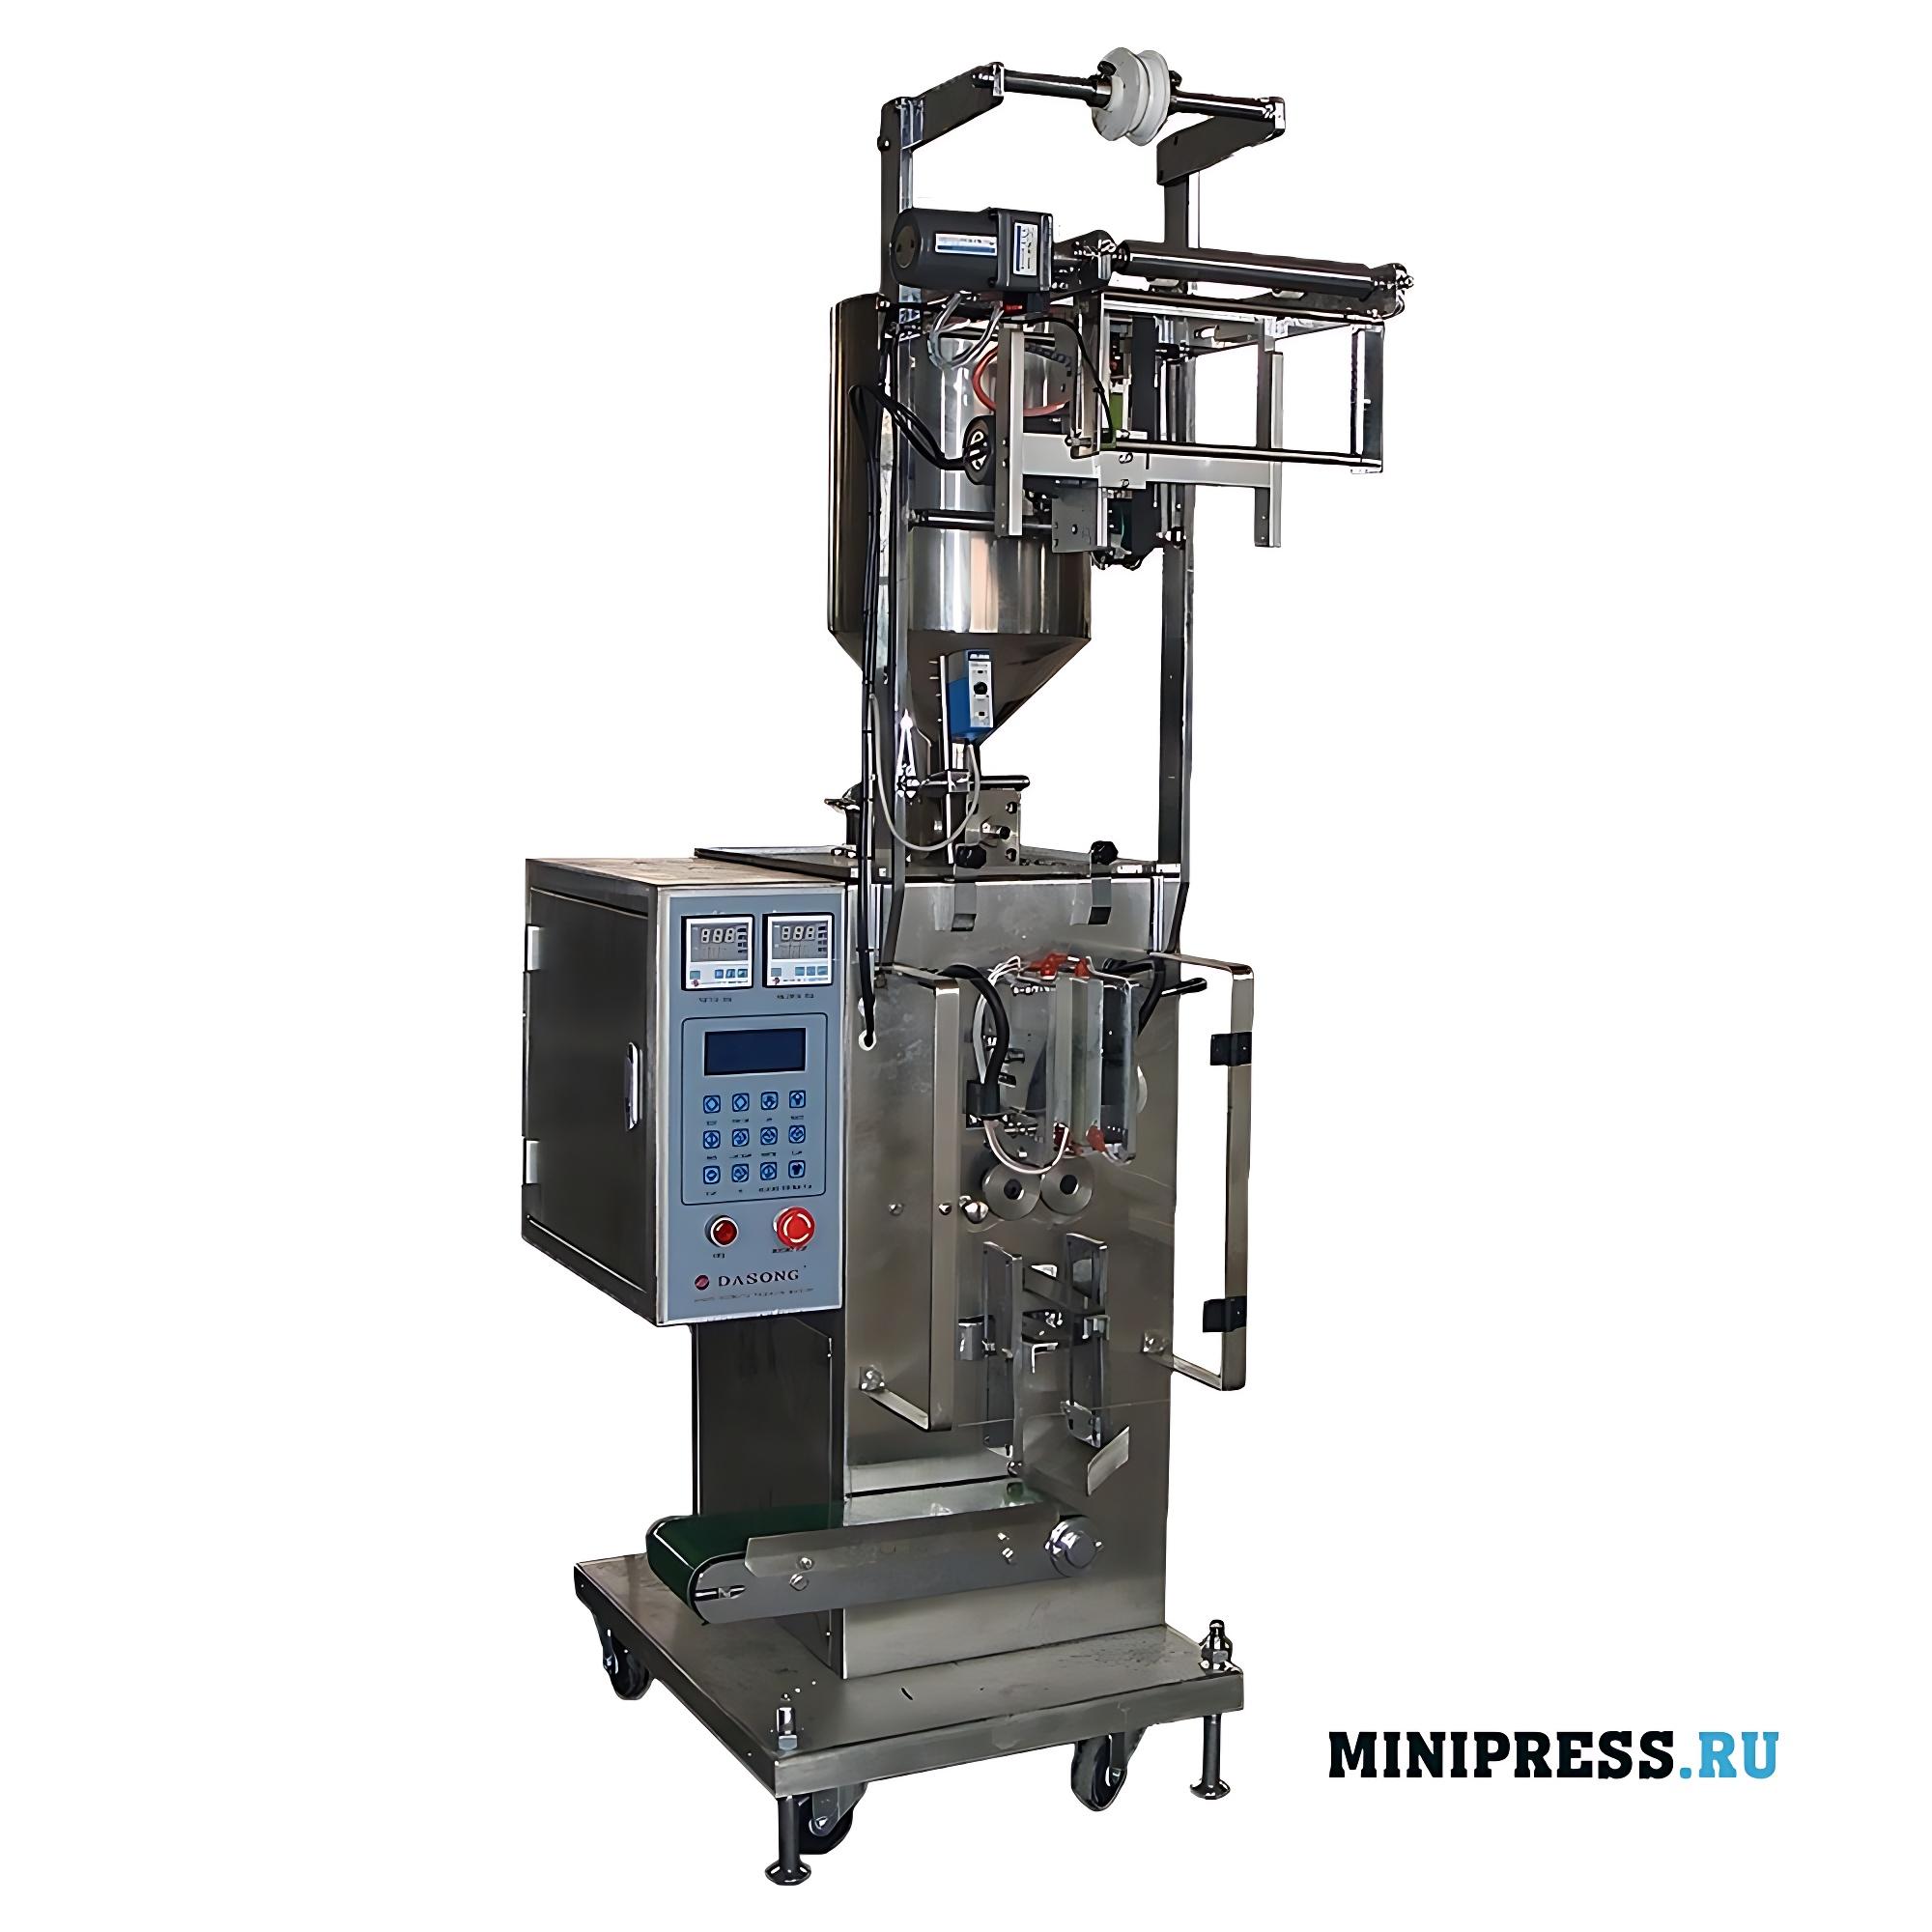 Упаковочное оборудование для таблеток или горячего обертывания табака для кальяна